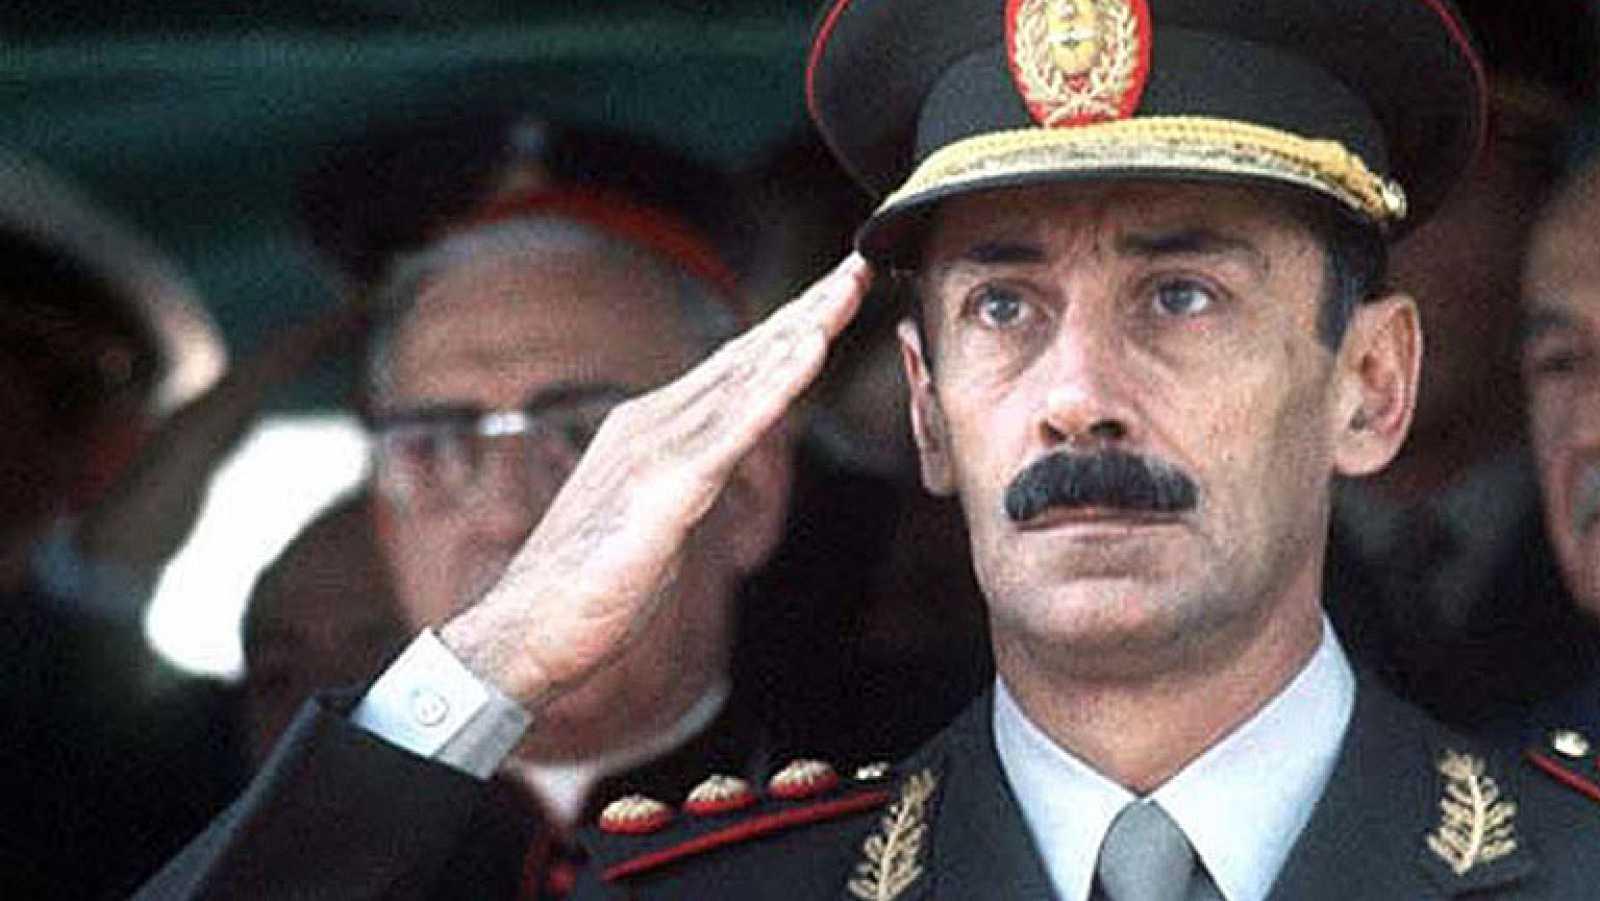 El exdictador argentino Jorge Rafael Videla, condenado a prisión perpetua por delitos de lesa humanidad cometidos en el último régimen de facto (1976-1983), falleció hoy en Buenos Aires, a los 87 años